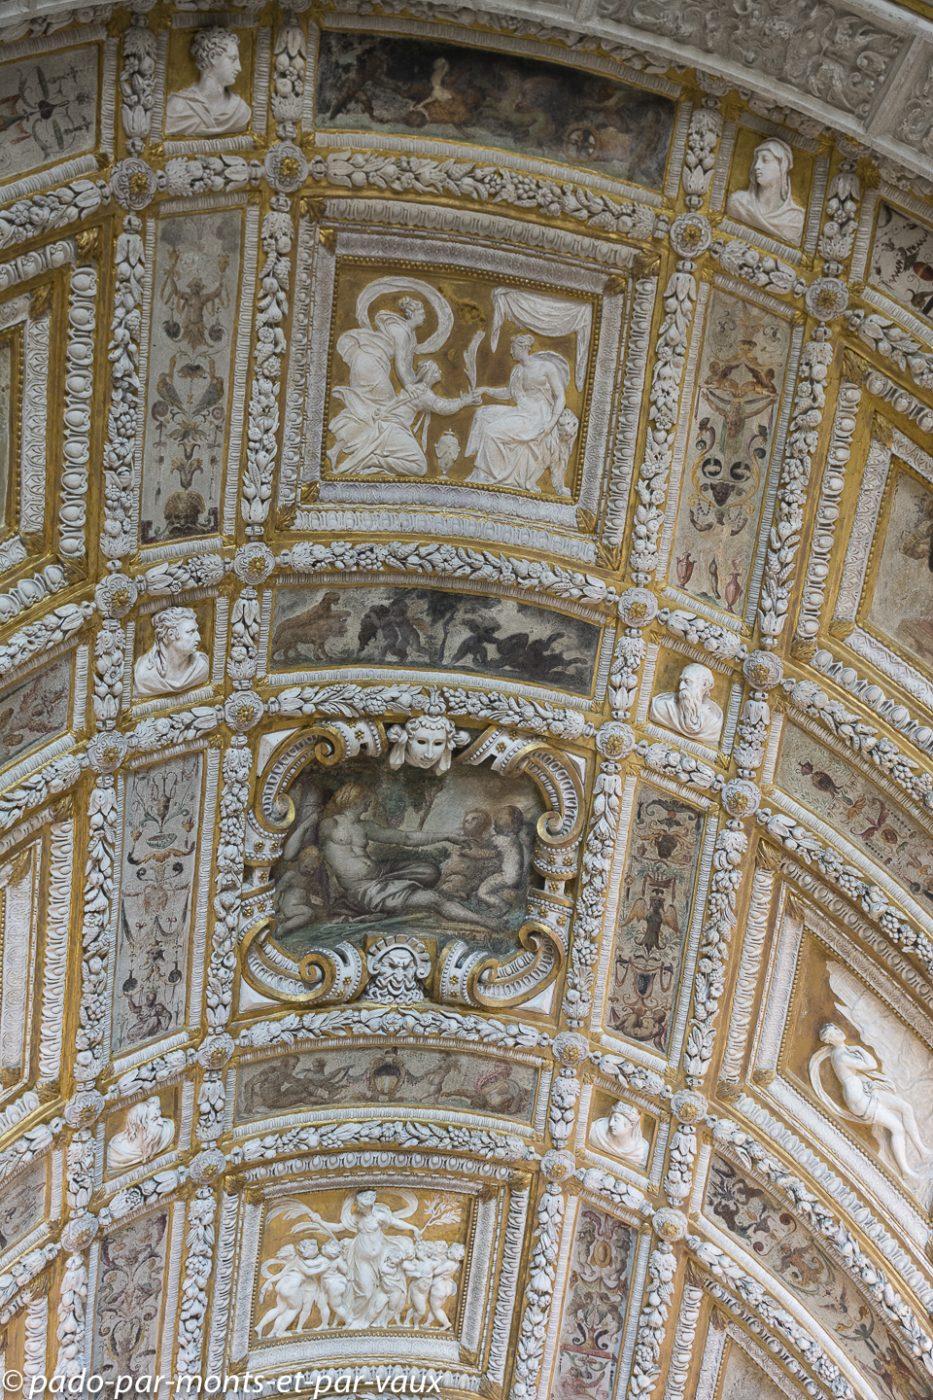 Venise - Palais des doges - Escalier d'or